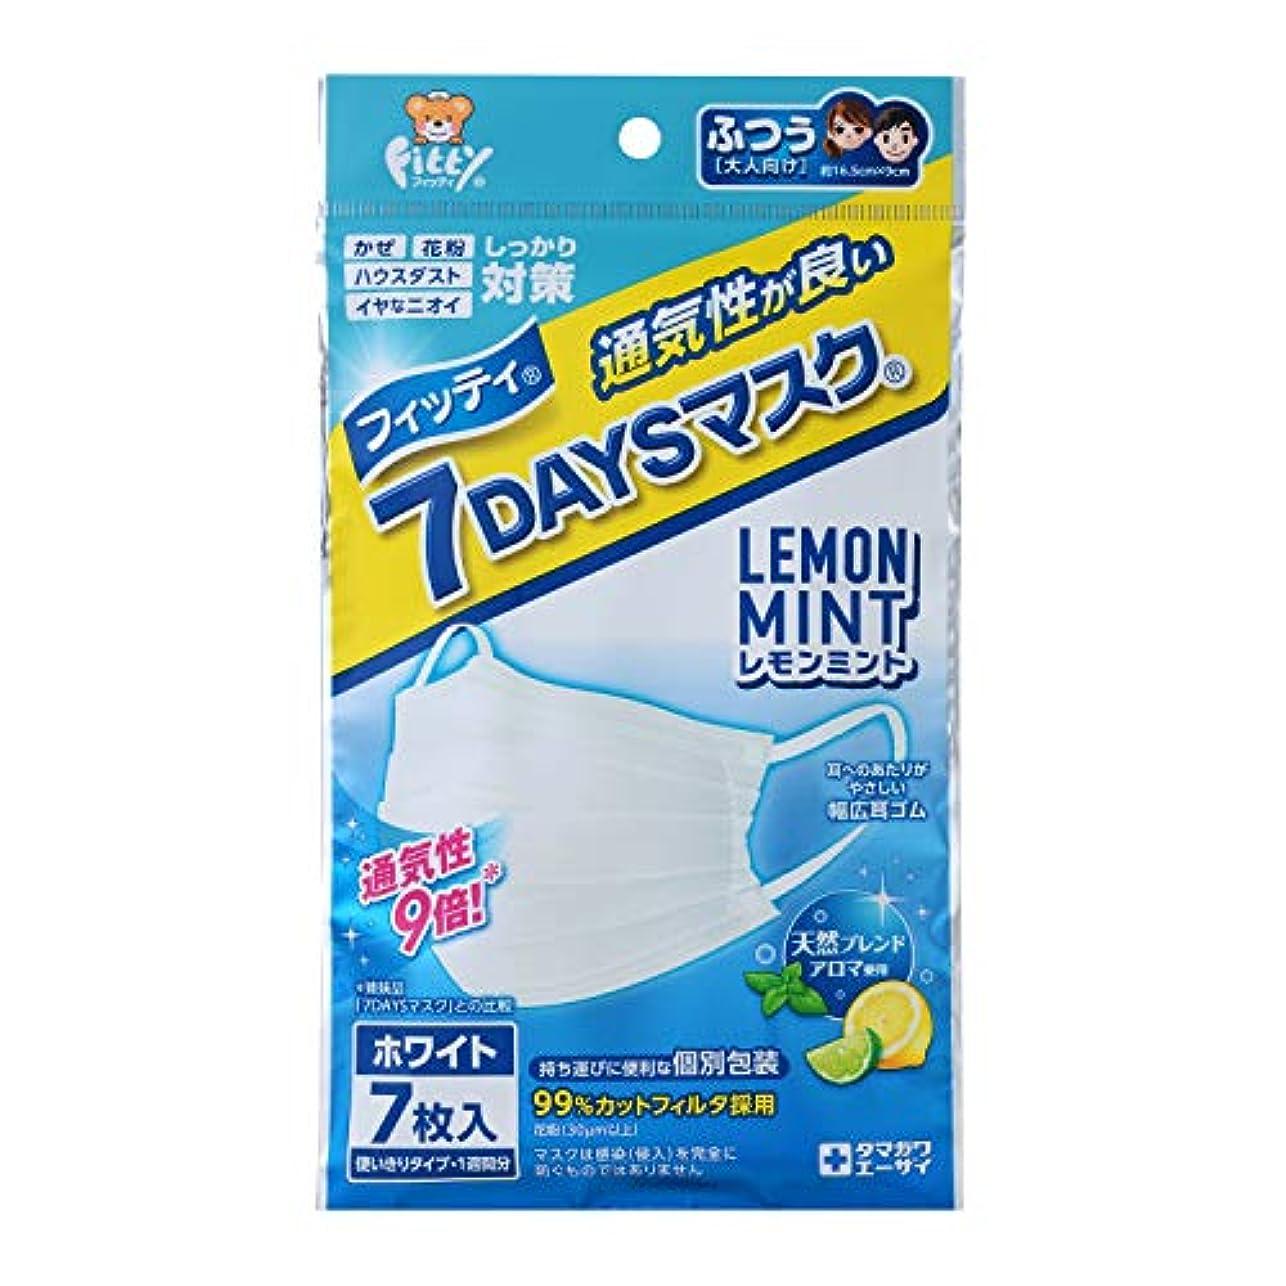 メロディーメイン飲料【10個セット】フィッティ 7DAYSマスク レモンミント(通気性が良い)7枚入